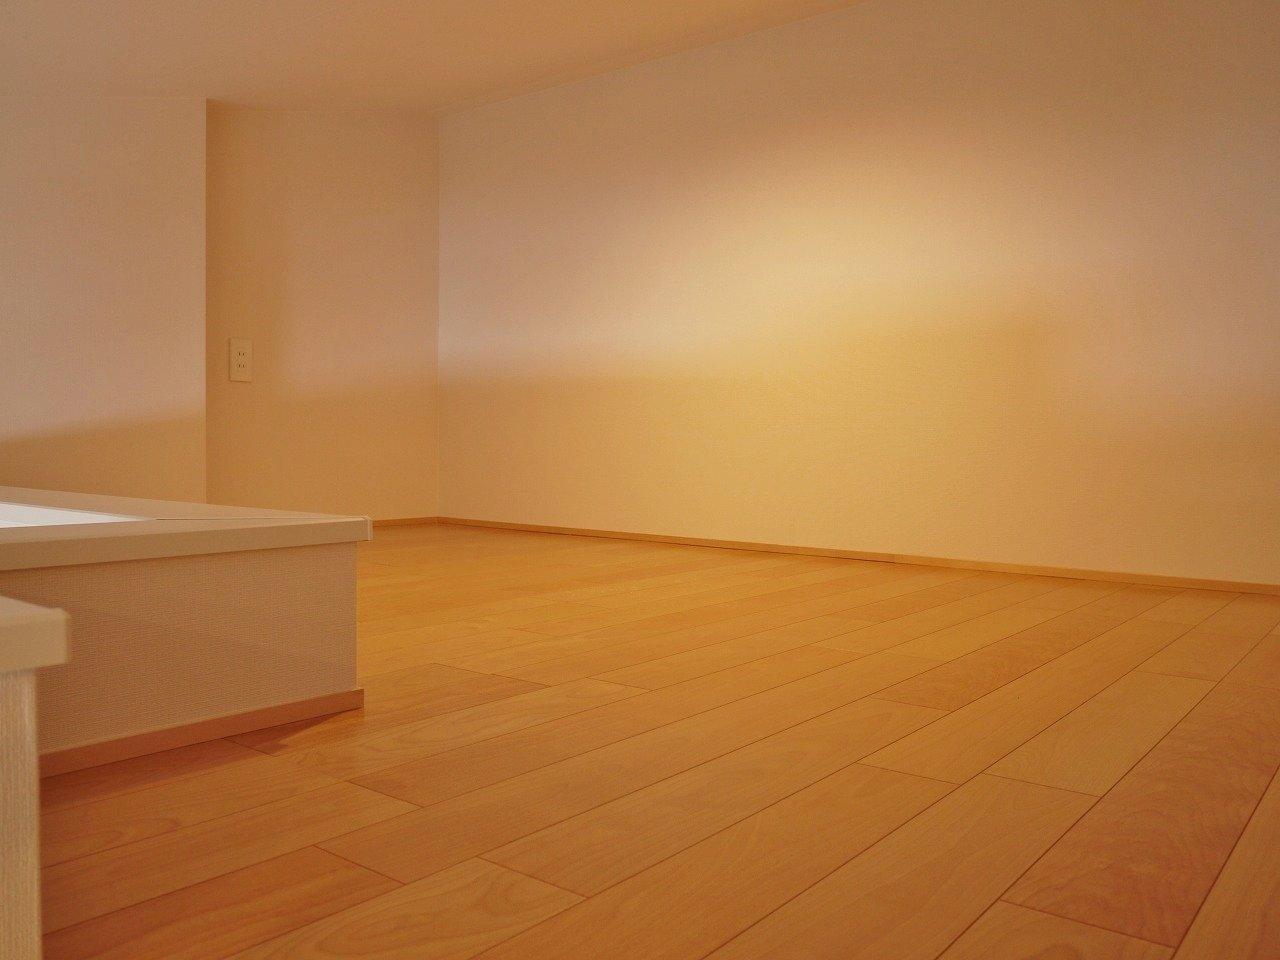 ロフトもこの広さ!寝室にするだけではもったいないので、洋服や本などの収納スペースとしてもぜひ、活用してみてください。